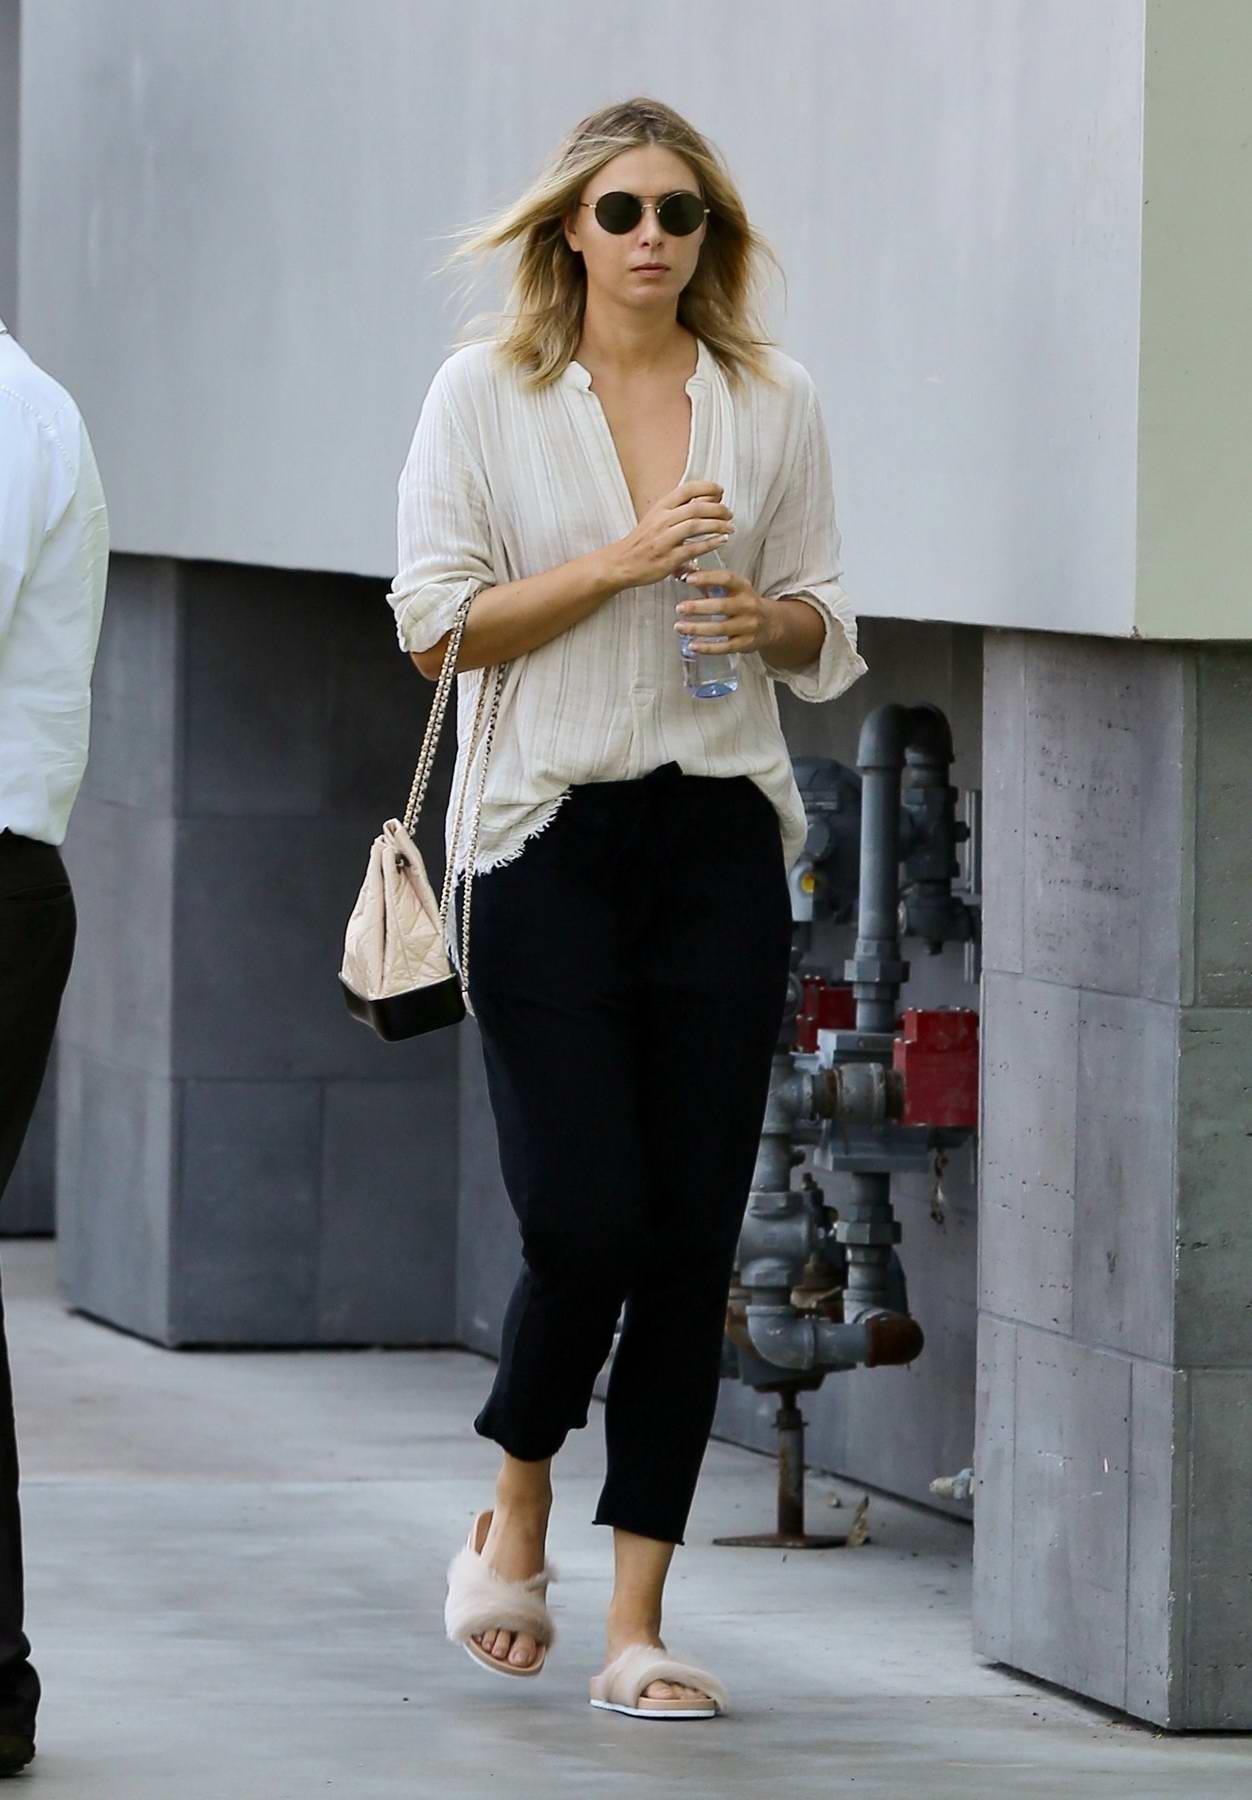 Maria Sharapova visit a nail salon in Manhattan Beach, California